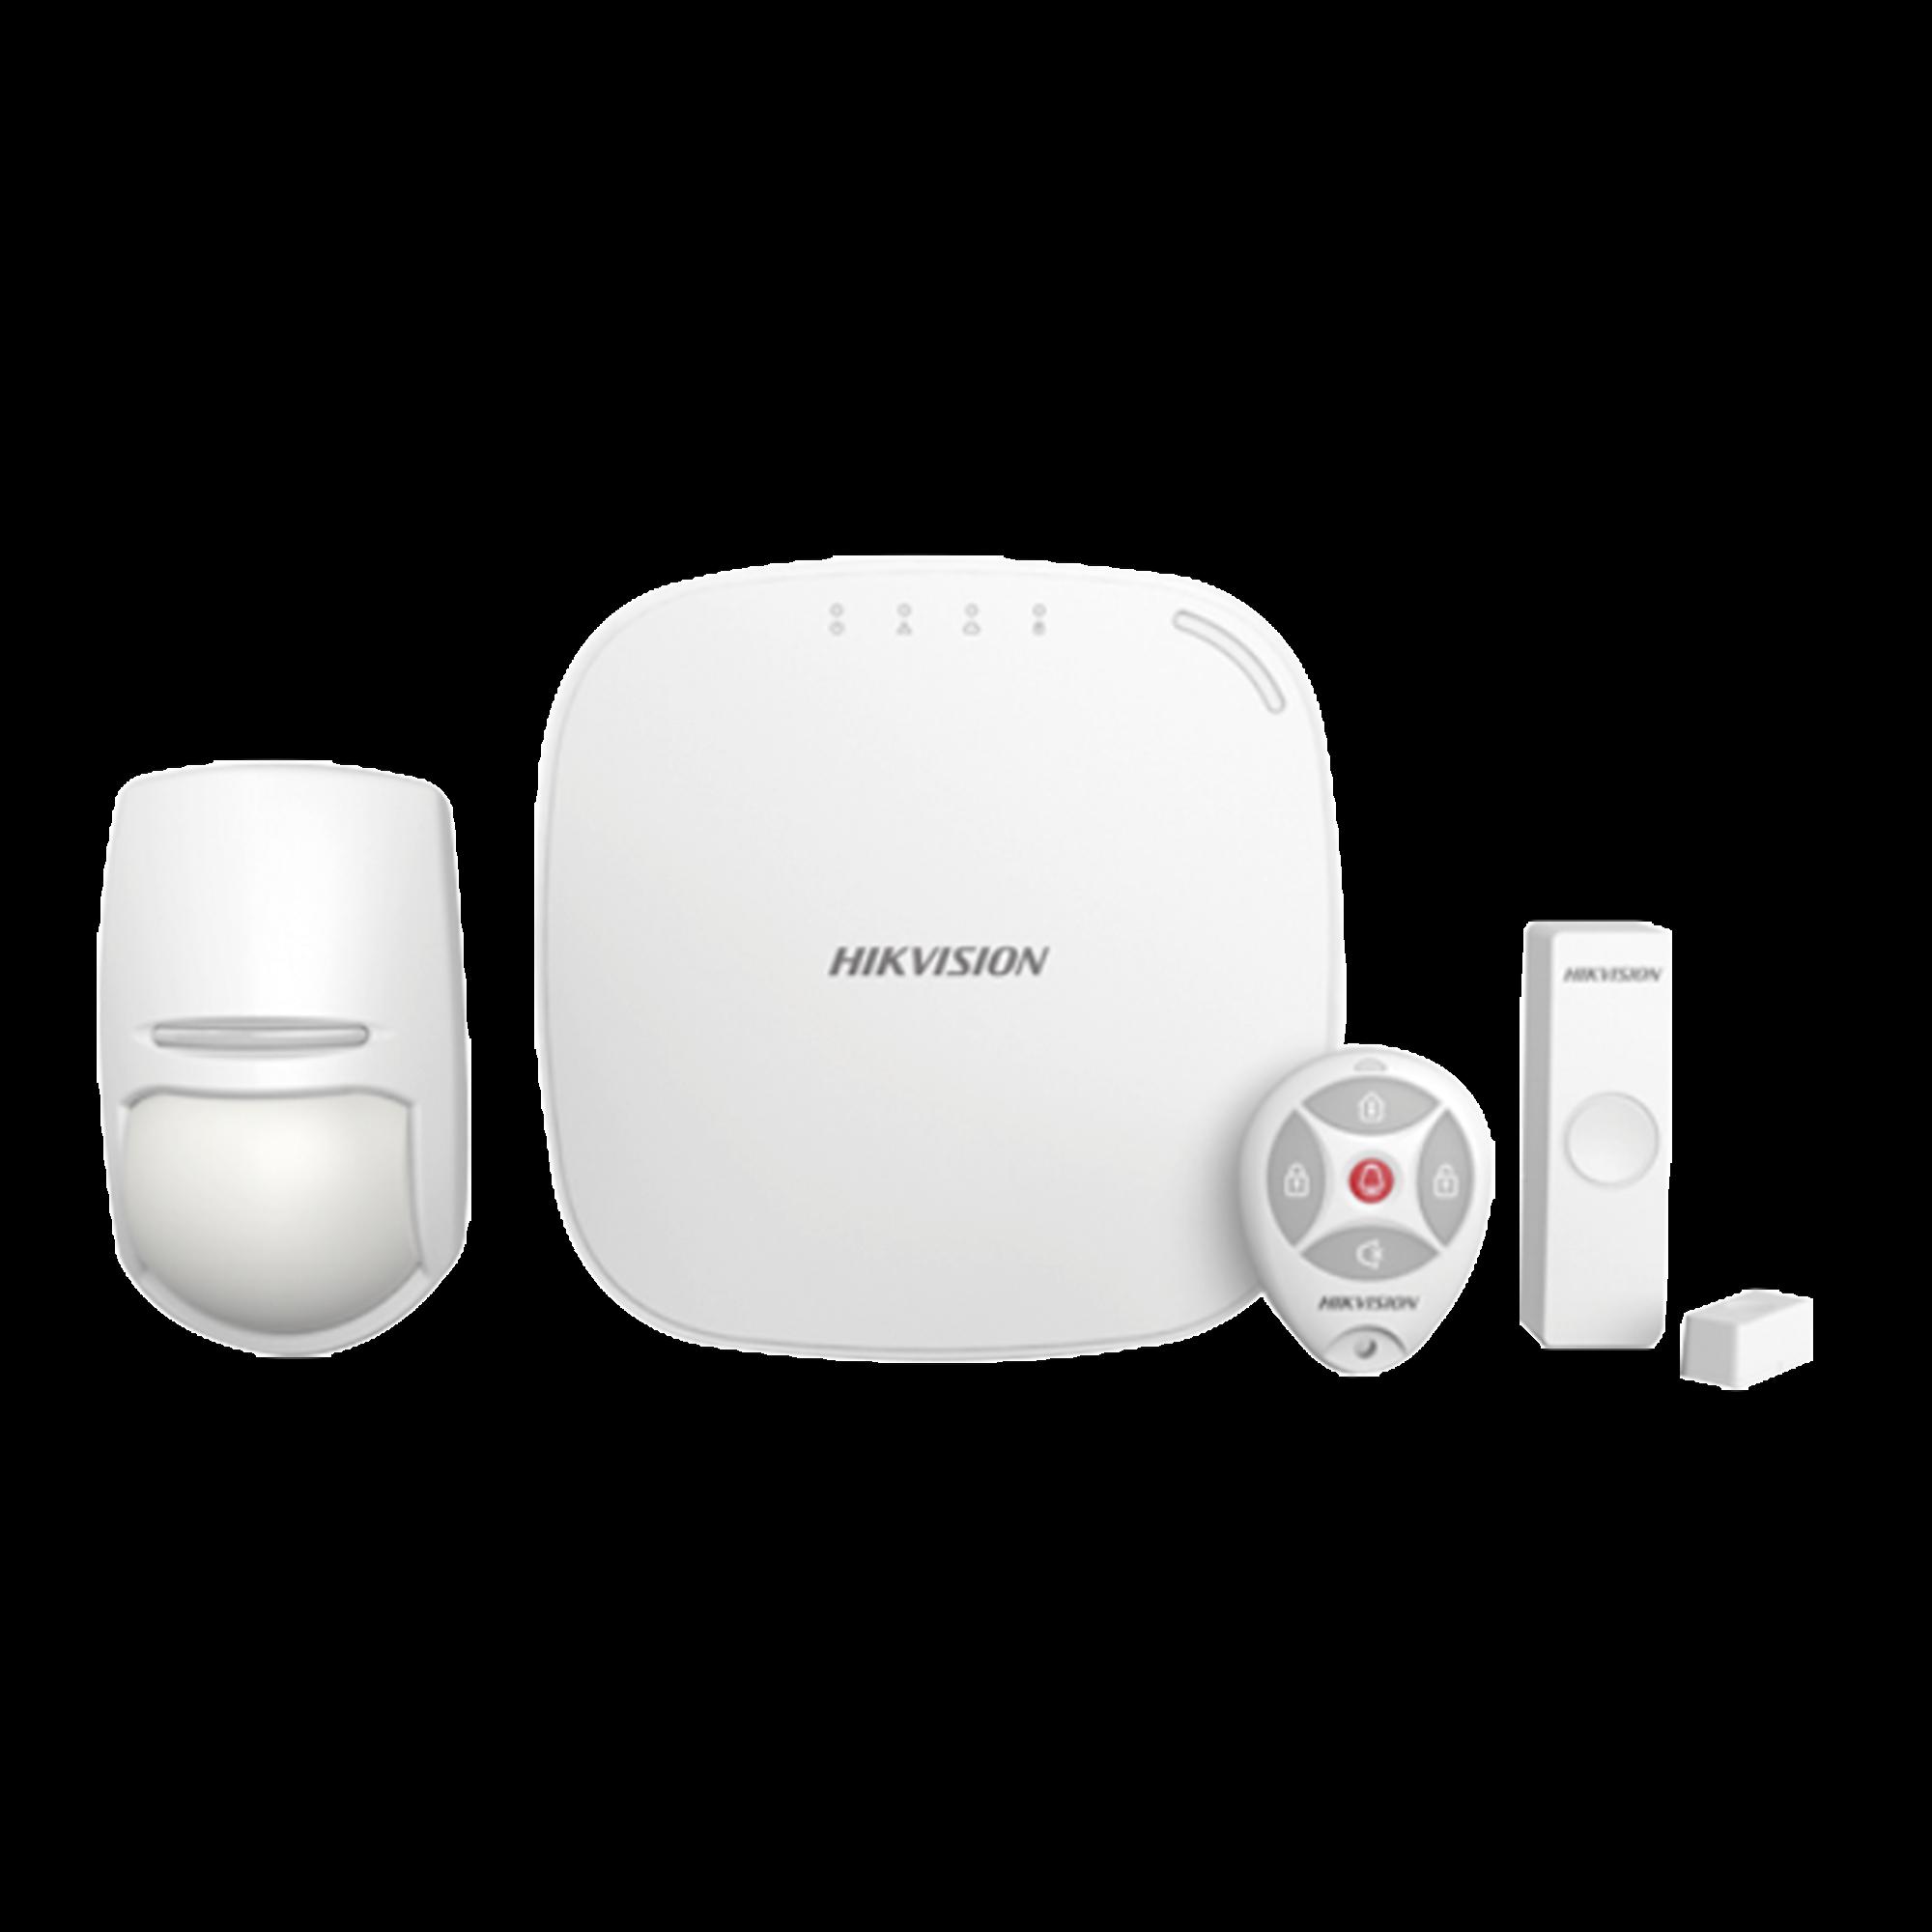 (AX HUB) KIT para Panel de Alarma / Incluye: 1 Hub / 1 Sensor PIR / 1 Contacto Magnético / 1 Control Remoto/ WiFi / Compatible con Hik-Connect P2P